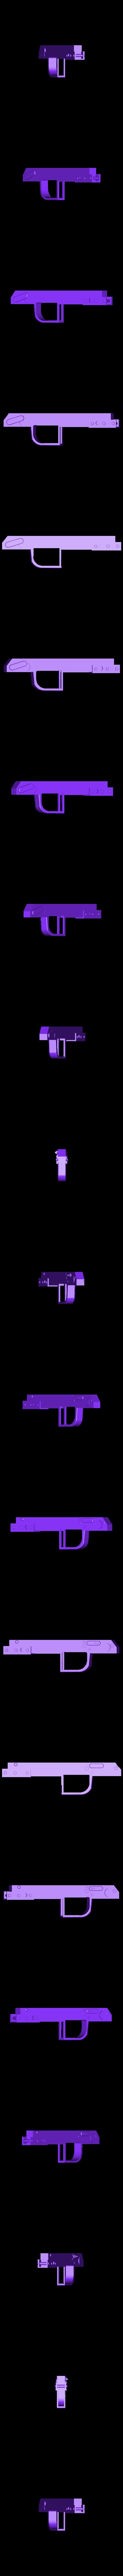 lower.stl Download STL file Storm Trooper Blastech SE-14R Blaster Prop • 3D print model, McClaryDesign